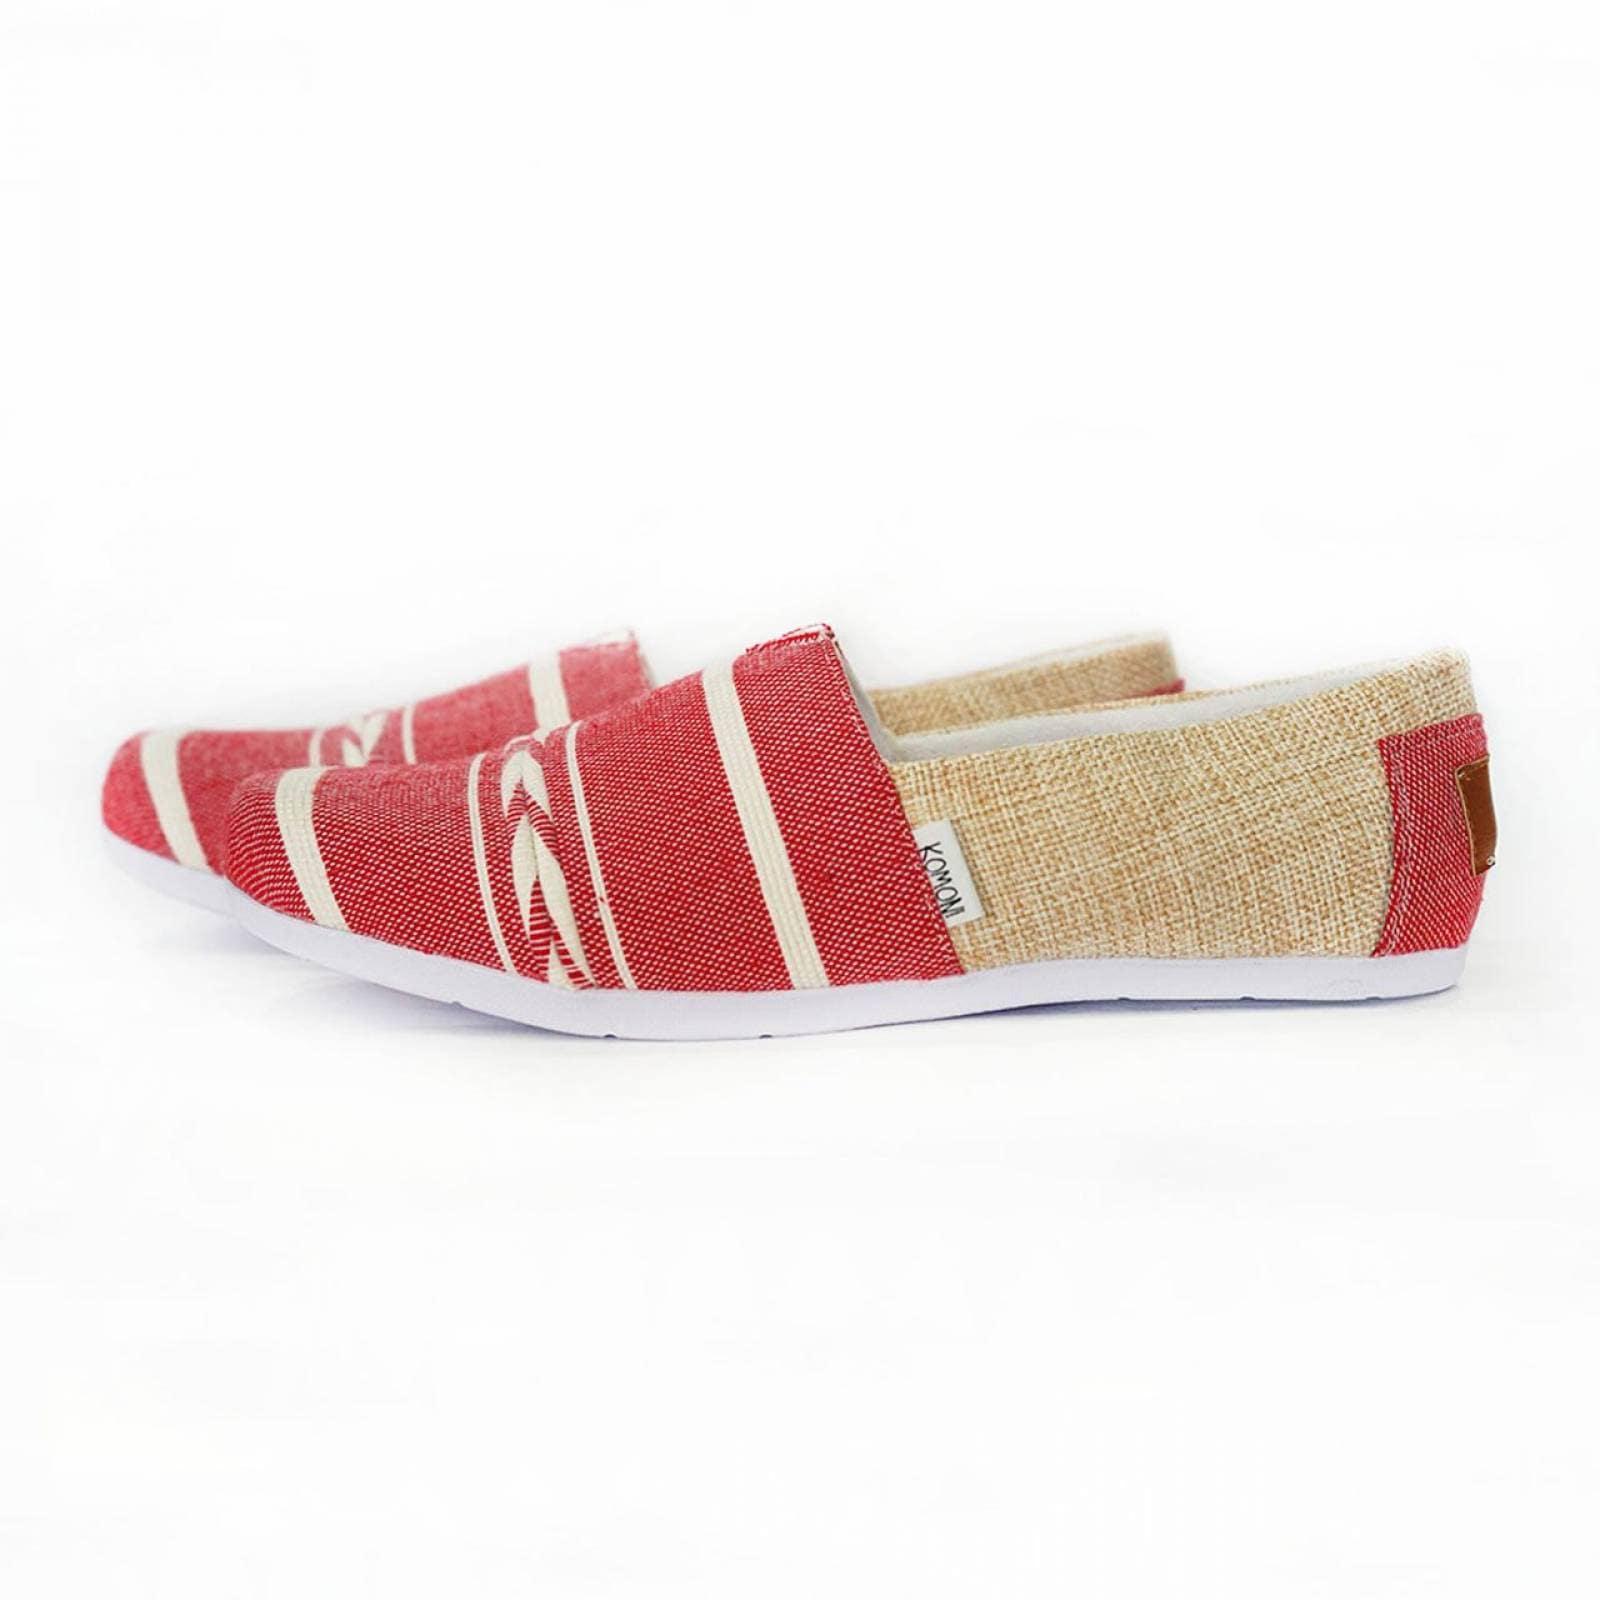 Fit Lop Zapato Artesanal Tela Hombre Rojo Jacinta Rojo Komoni Talla: 28